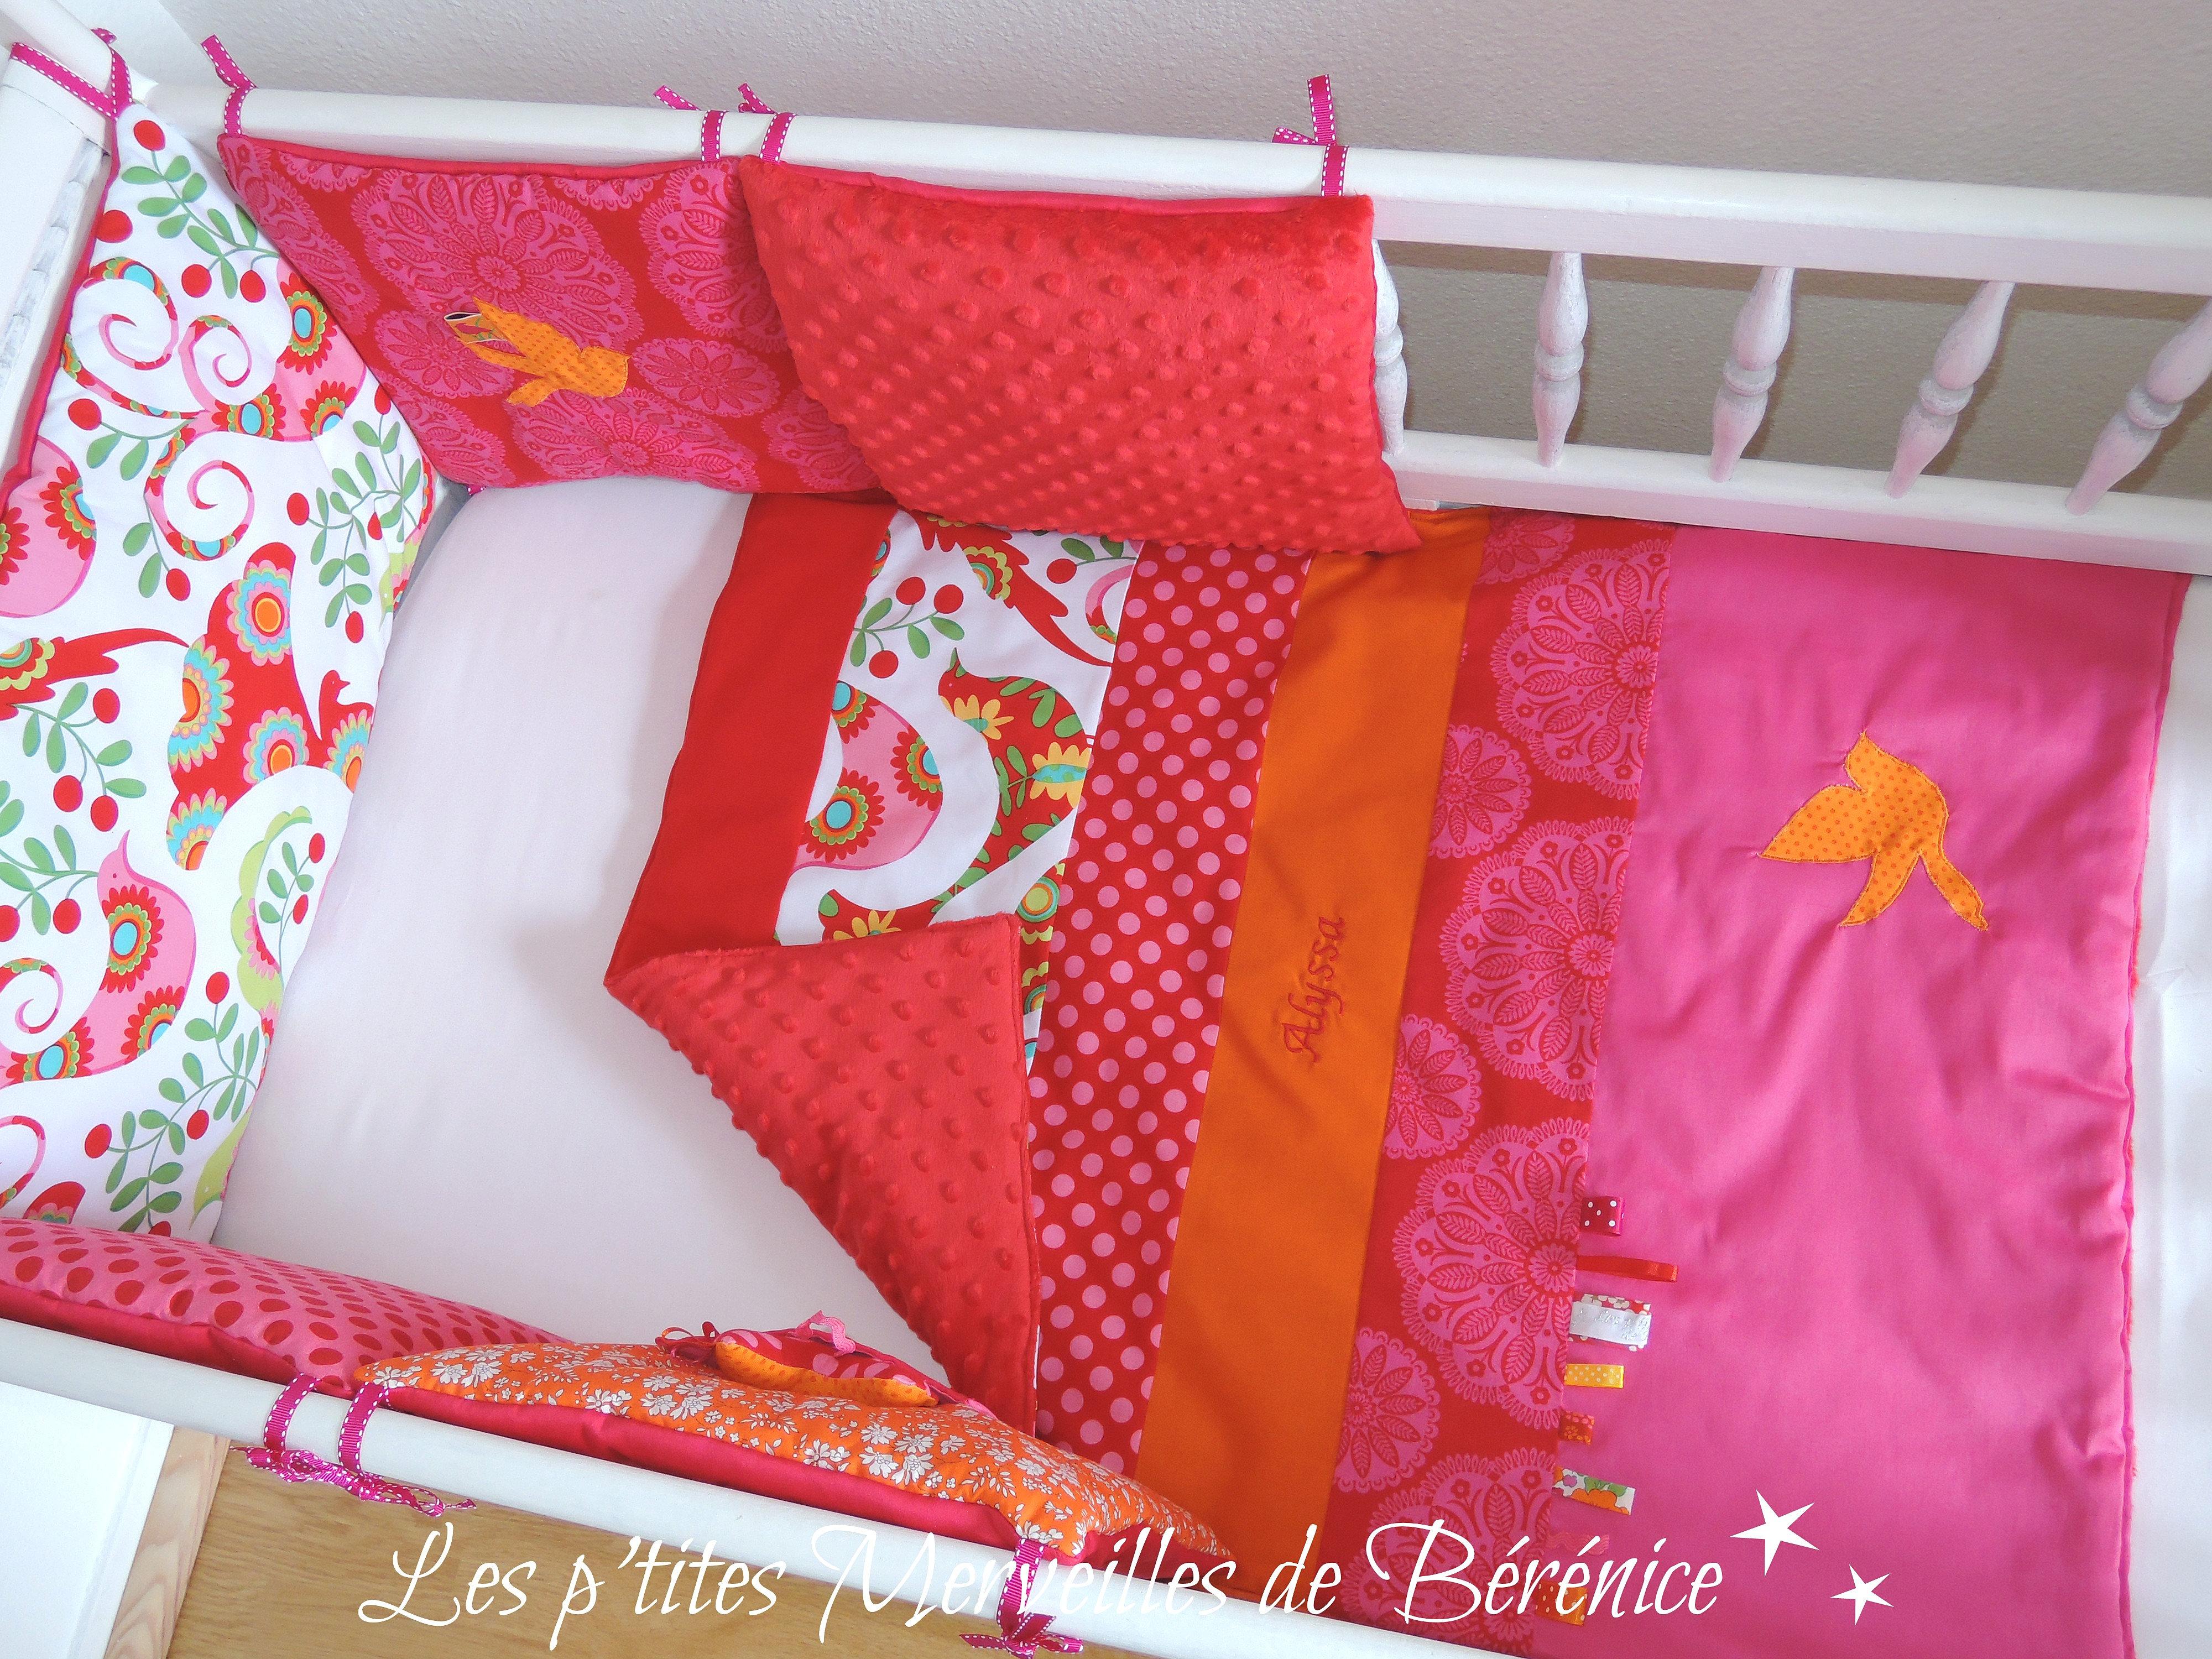 d co chambre b b cadeau naissance les p 39 tites merveilles de b r nice tour de lit et. Black Bedroom Furniture Sets. Home Design Ideas